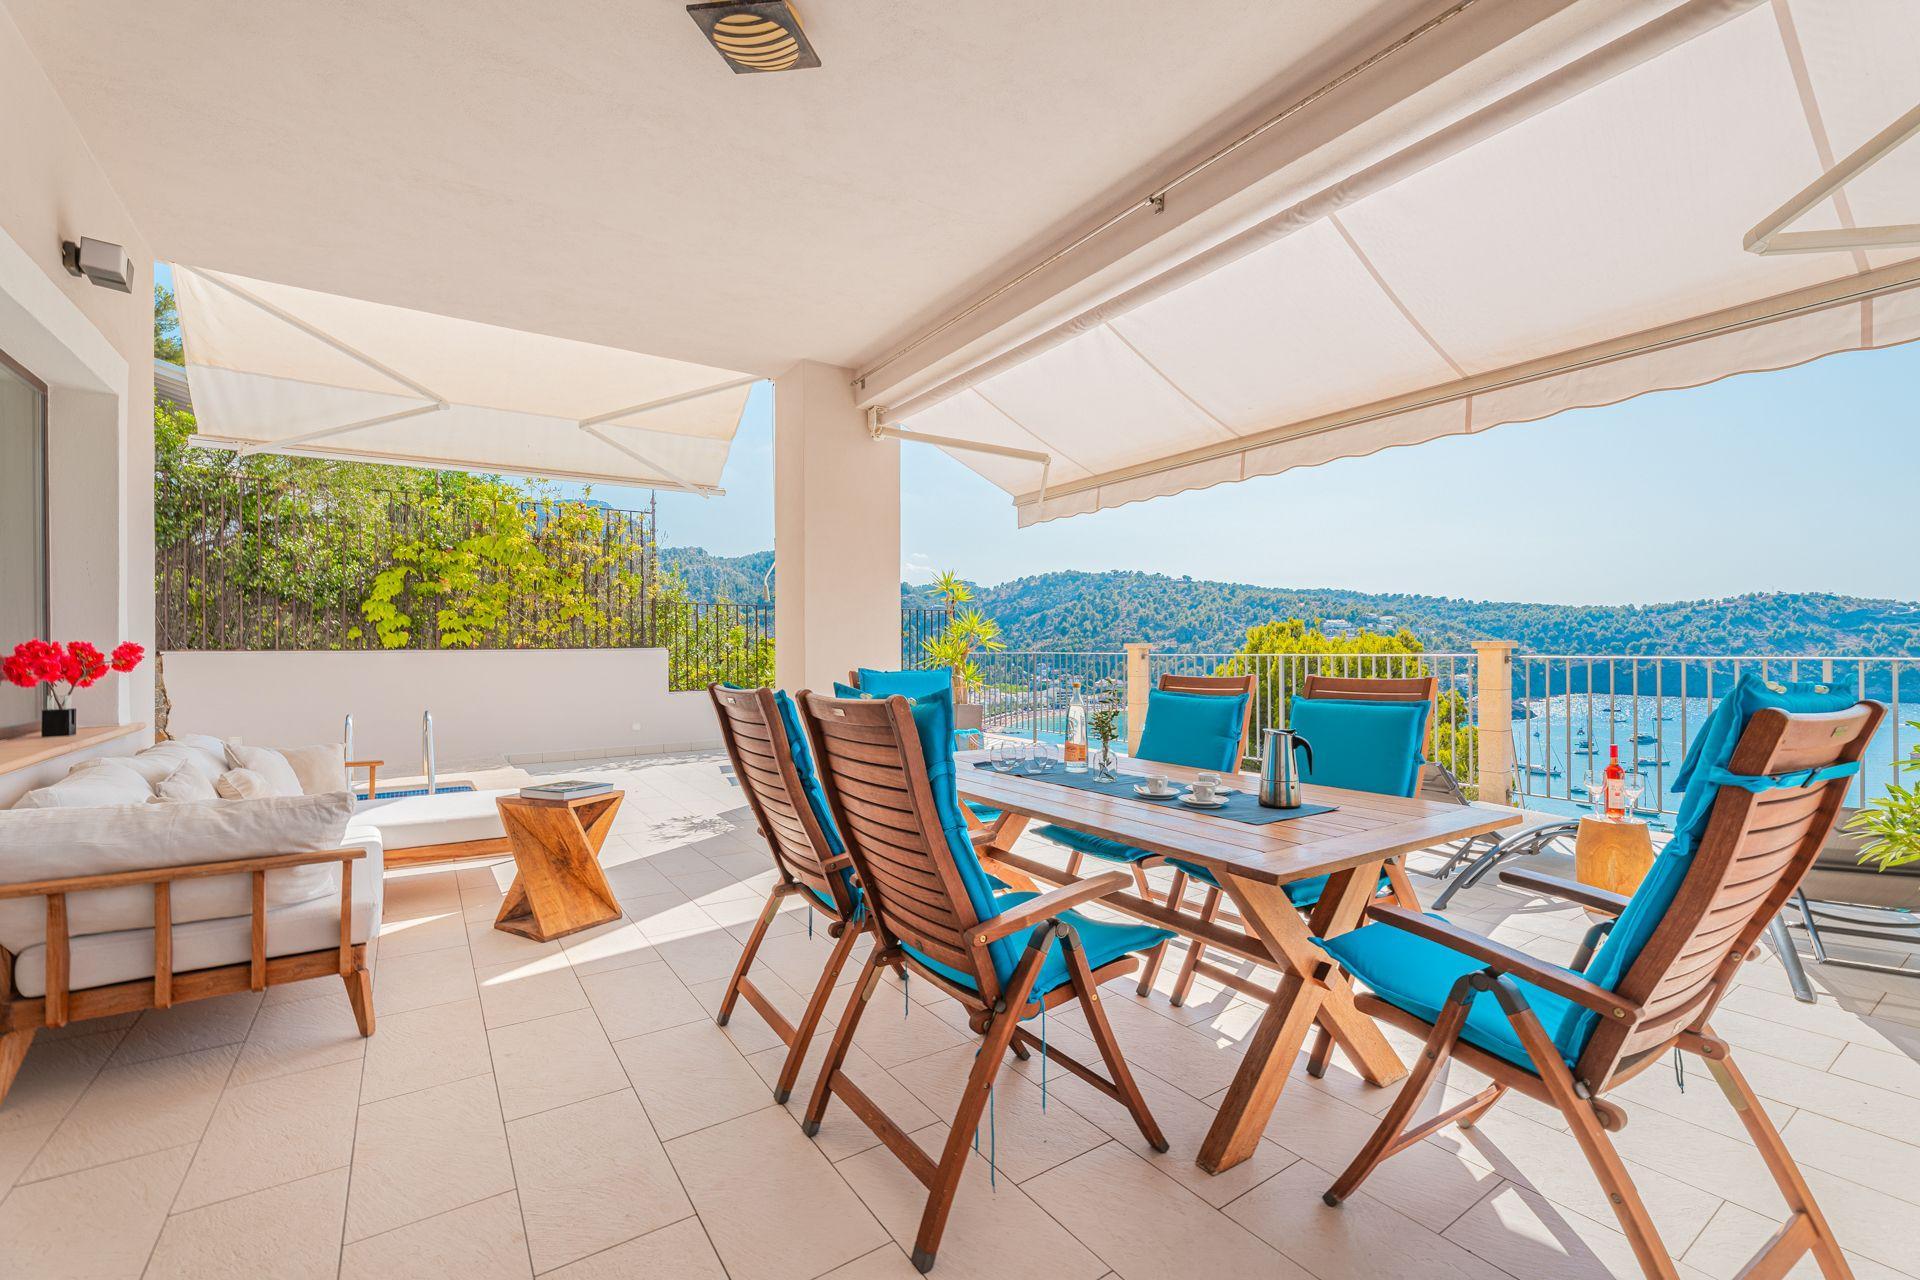 Mallorquinische Villa mit luxuriösem mediterranen Ambiente und traumhaftem Blick auf den malerischen Hafen von Port de Sóller mit 3 Schlafzimmern 3 Bädern privatem Pool und W Lan em Majorcan villa with luxurious Mediterranean ambience